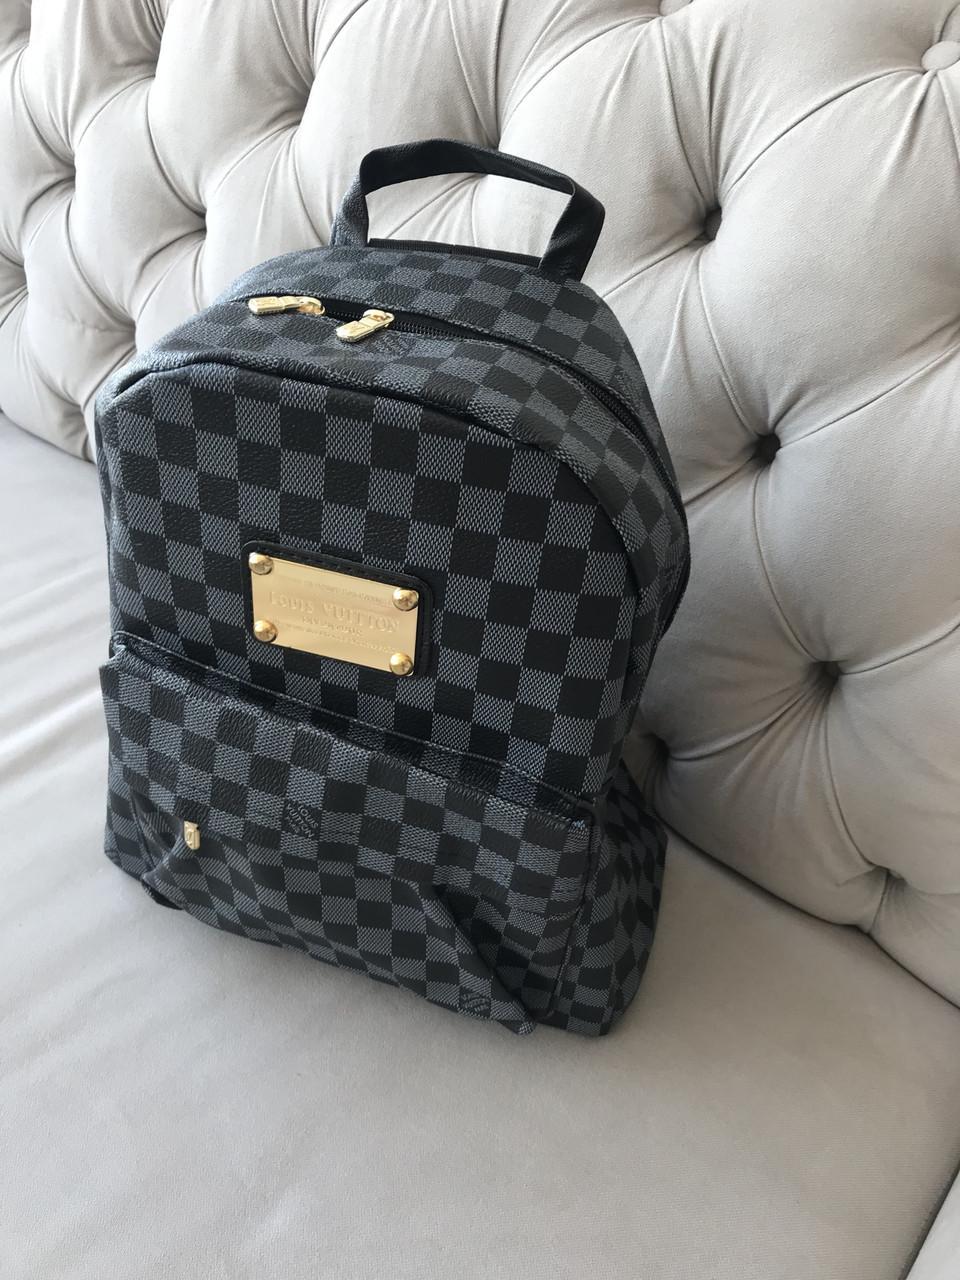 Рюкзак мужской портфель ранец черный Louis Vuitton  (реплика Луи Витон) в клетку